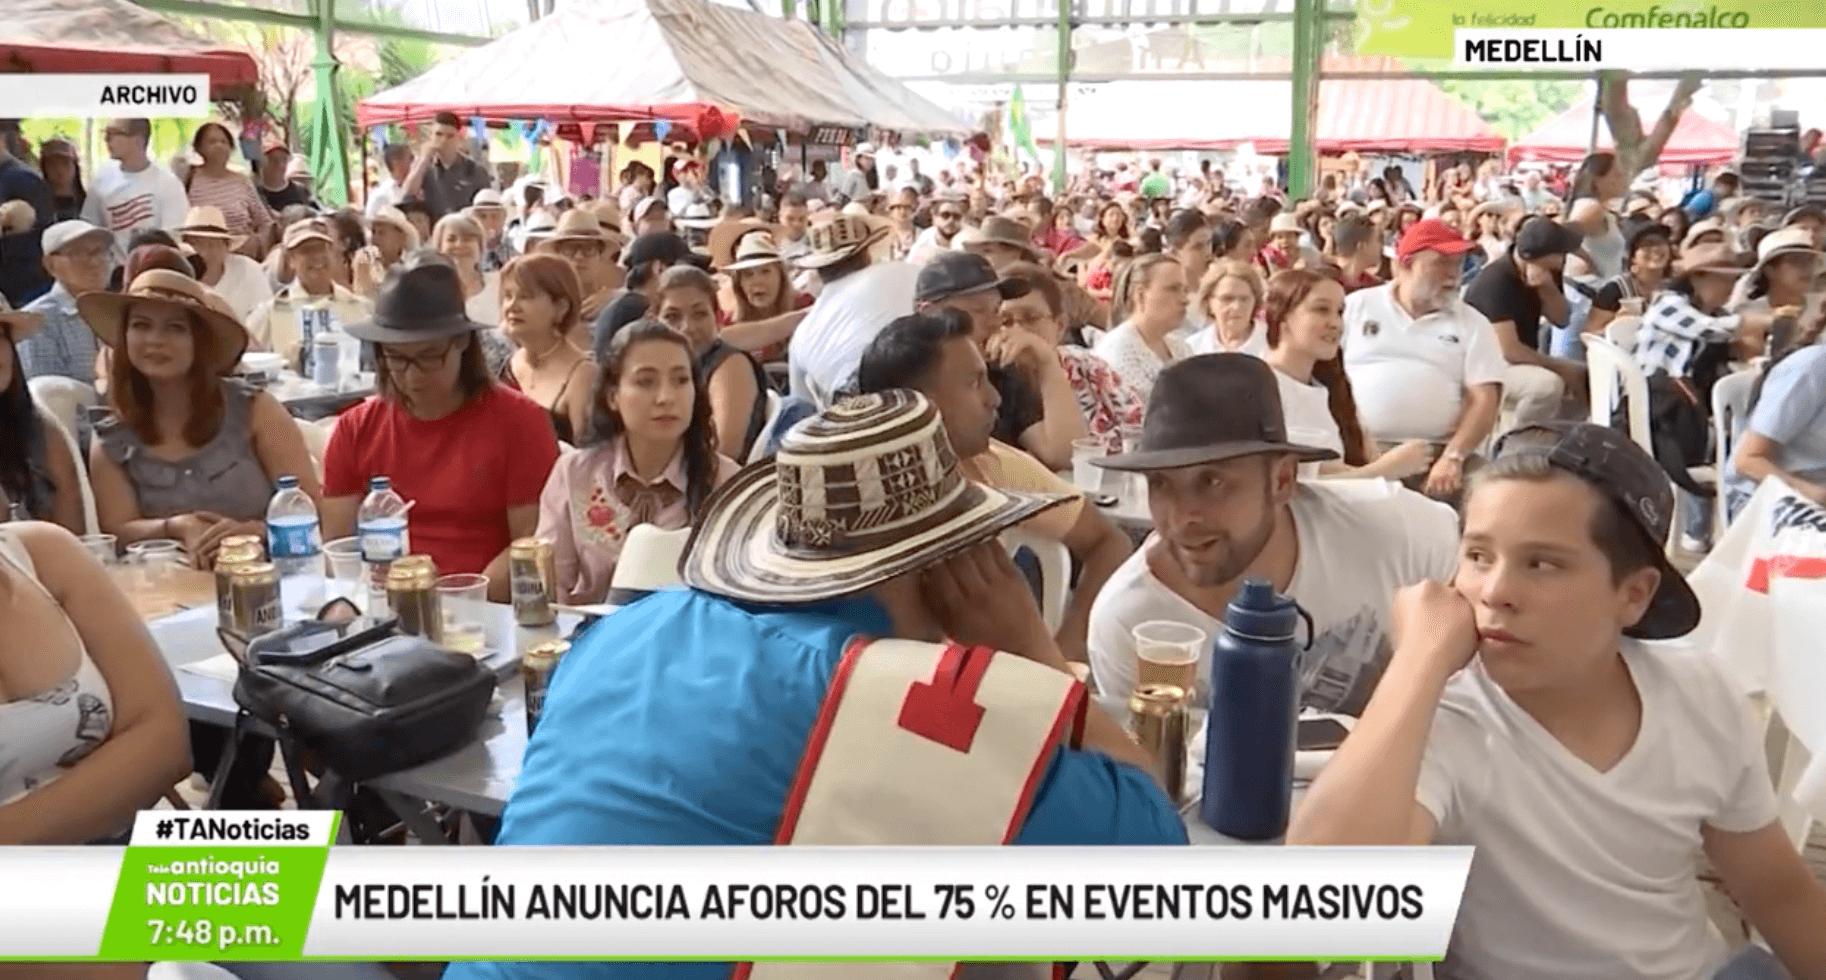 Medellín anuncia aforos del 75 % en eventos masivos